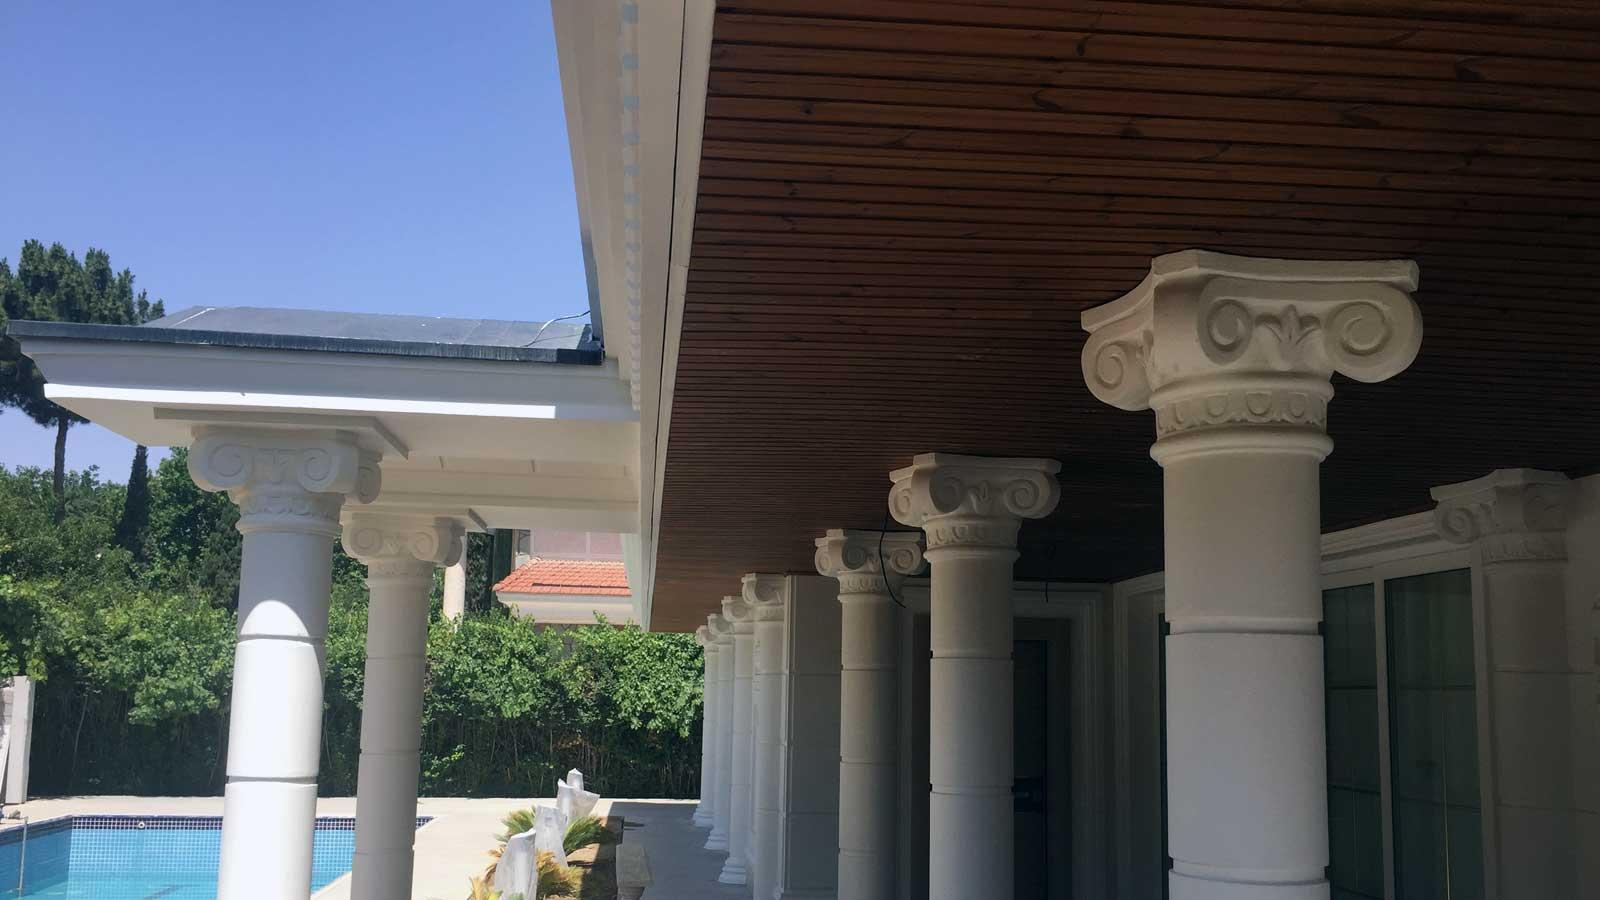 سقف ترموود چوبی با ستون های سفید